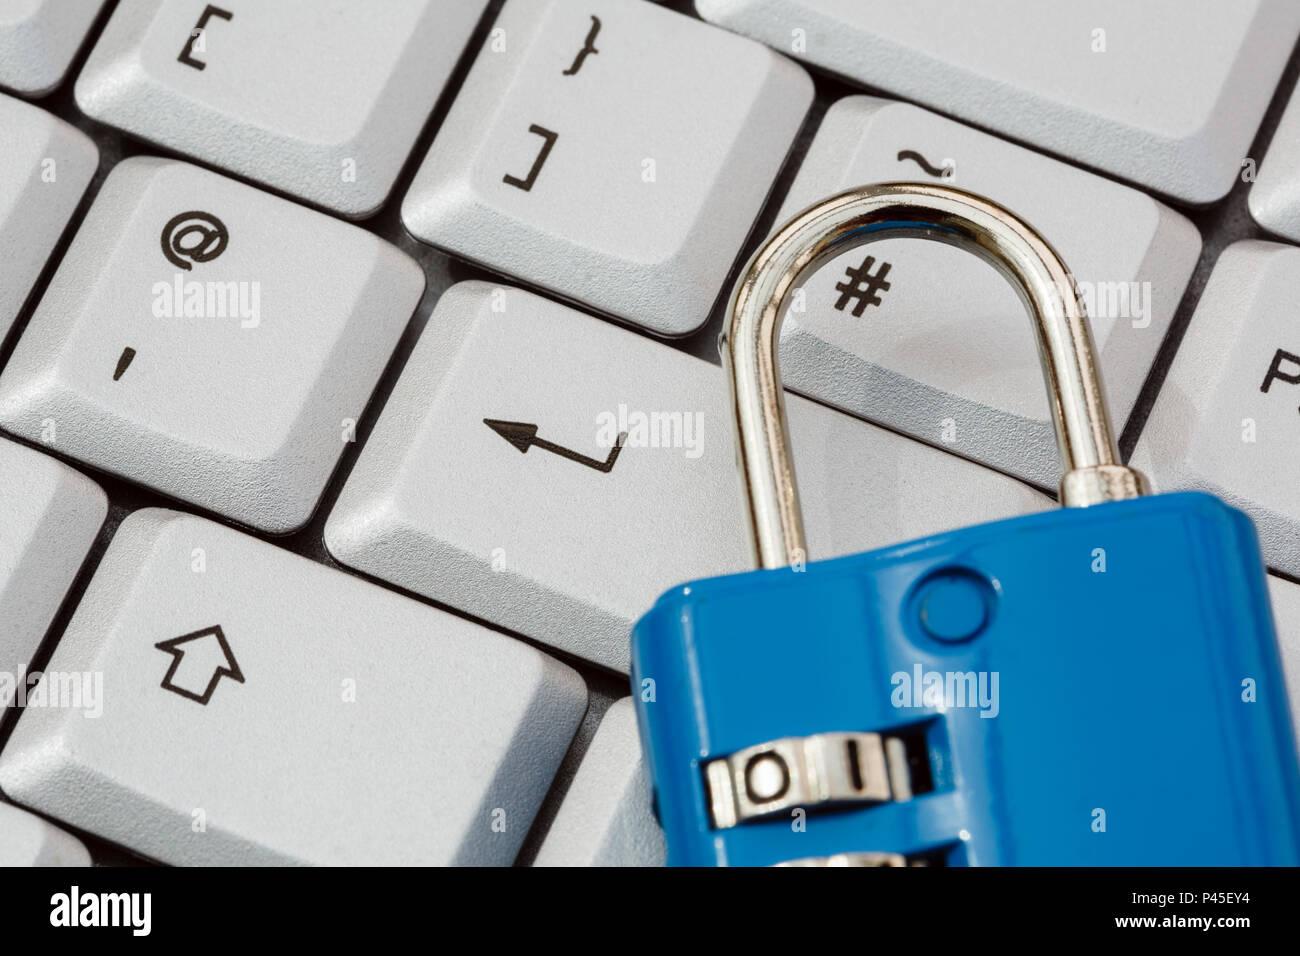 Un clavier avec touche entrée et un cadenas pour illustrer la cyber-sécurité en ligne et la protection des données PIBR concept. Angleterre Royaume-uni France UE Photo Stock